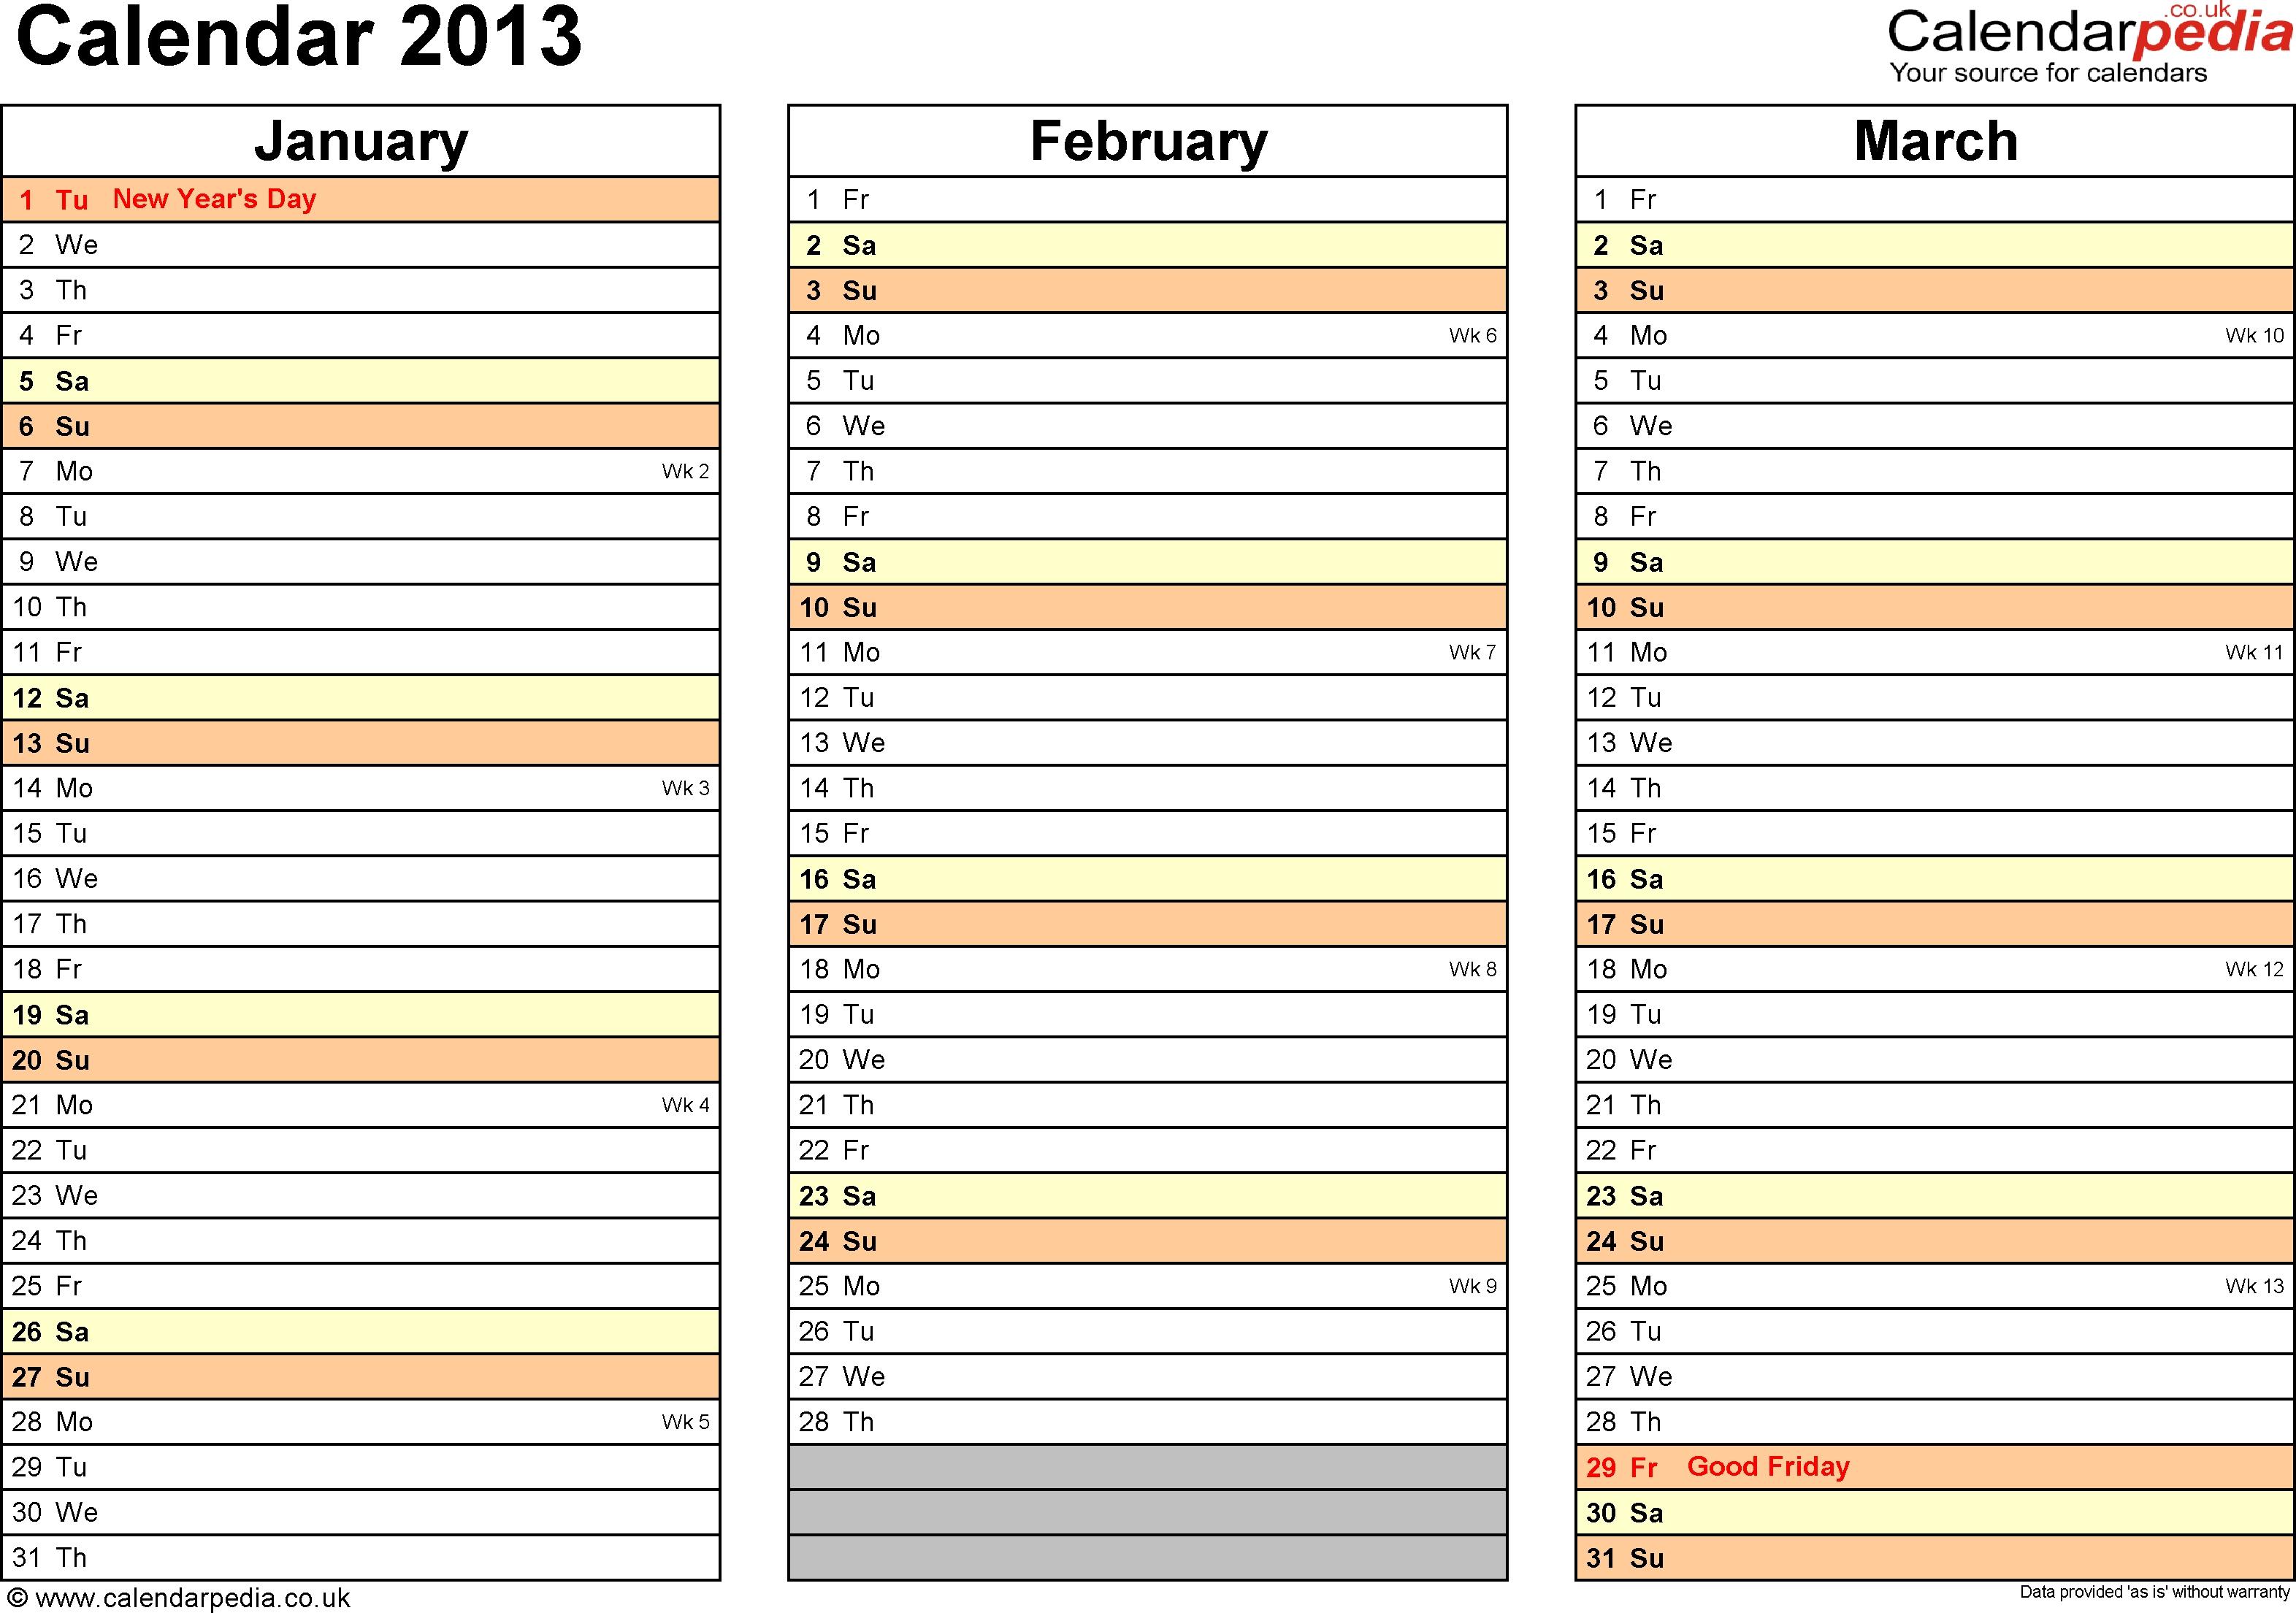 Excel Calendar 2013 Uk 12 Printable Templates Xlsx Free 89uj